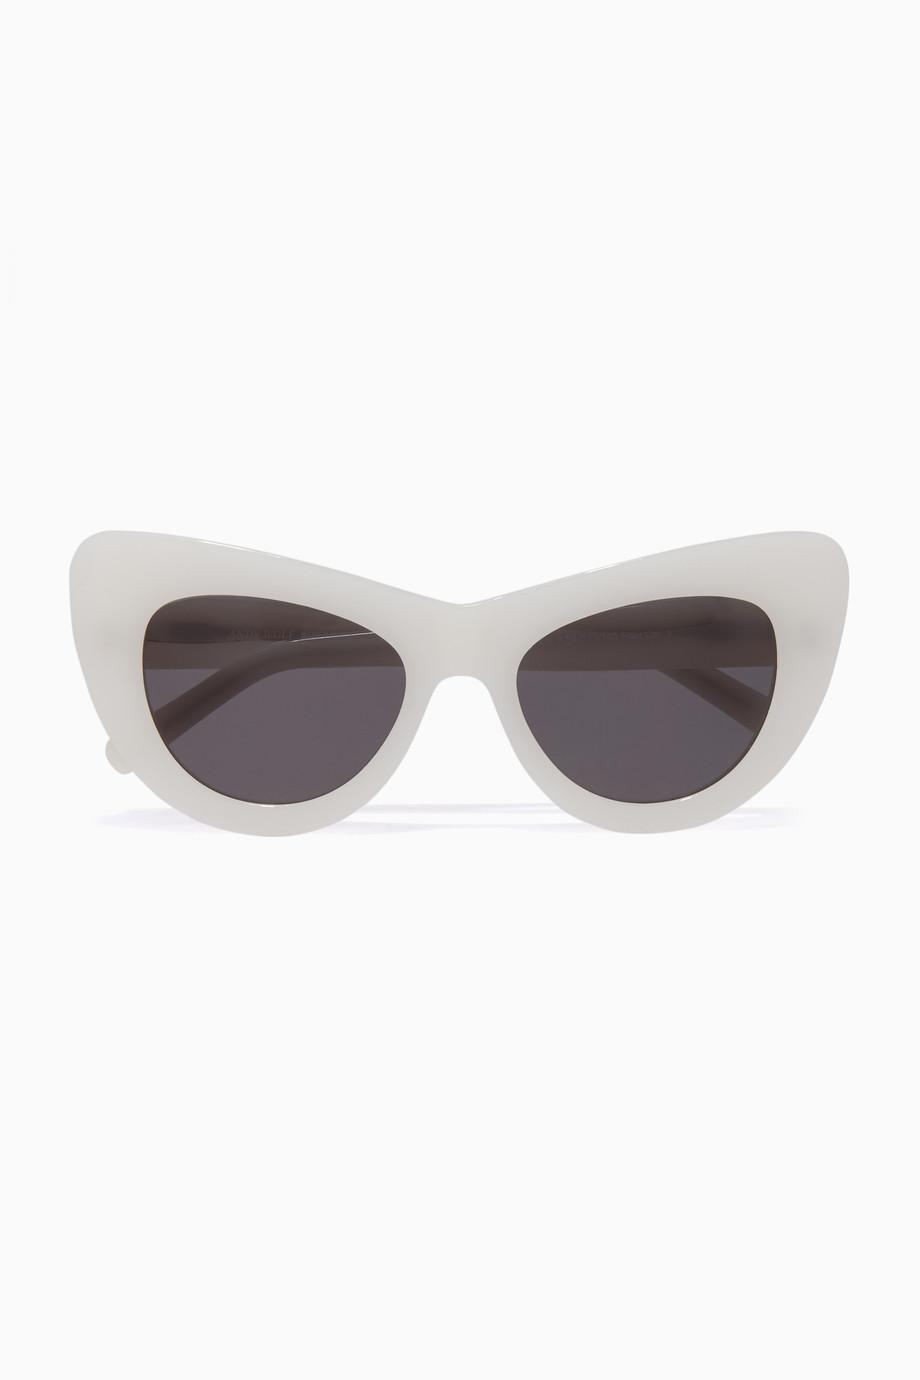 b4c9a87f5 تسوق نظارات شمسية جان صن كول. هـ بيضاء اندي وولف ابيض للنساء | اُناس ...